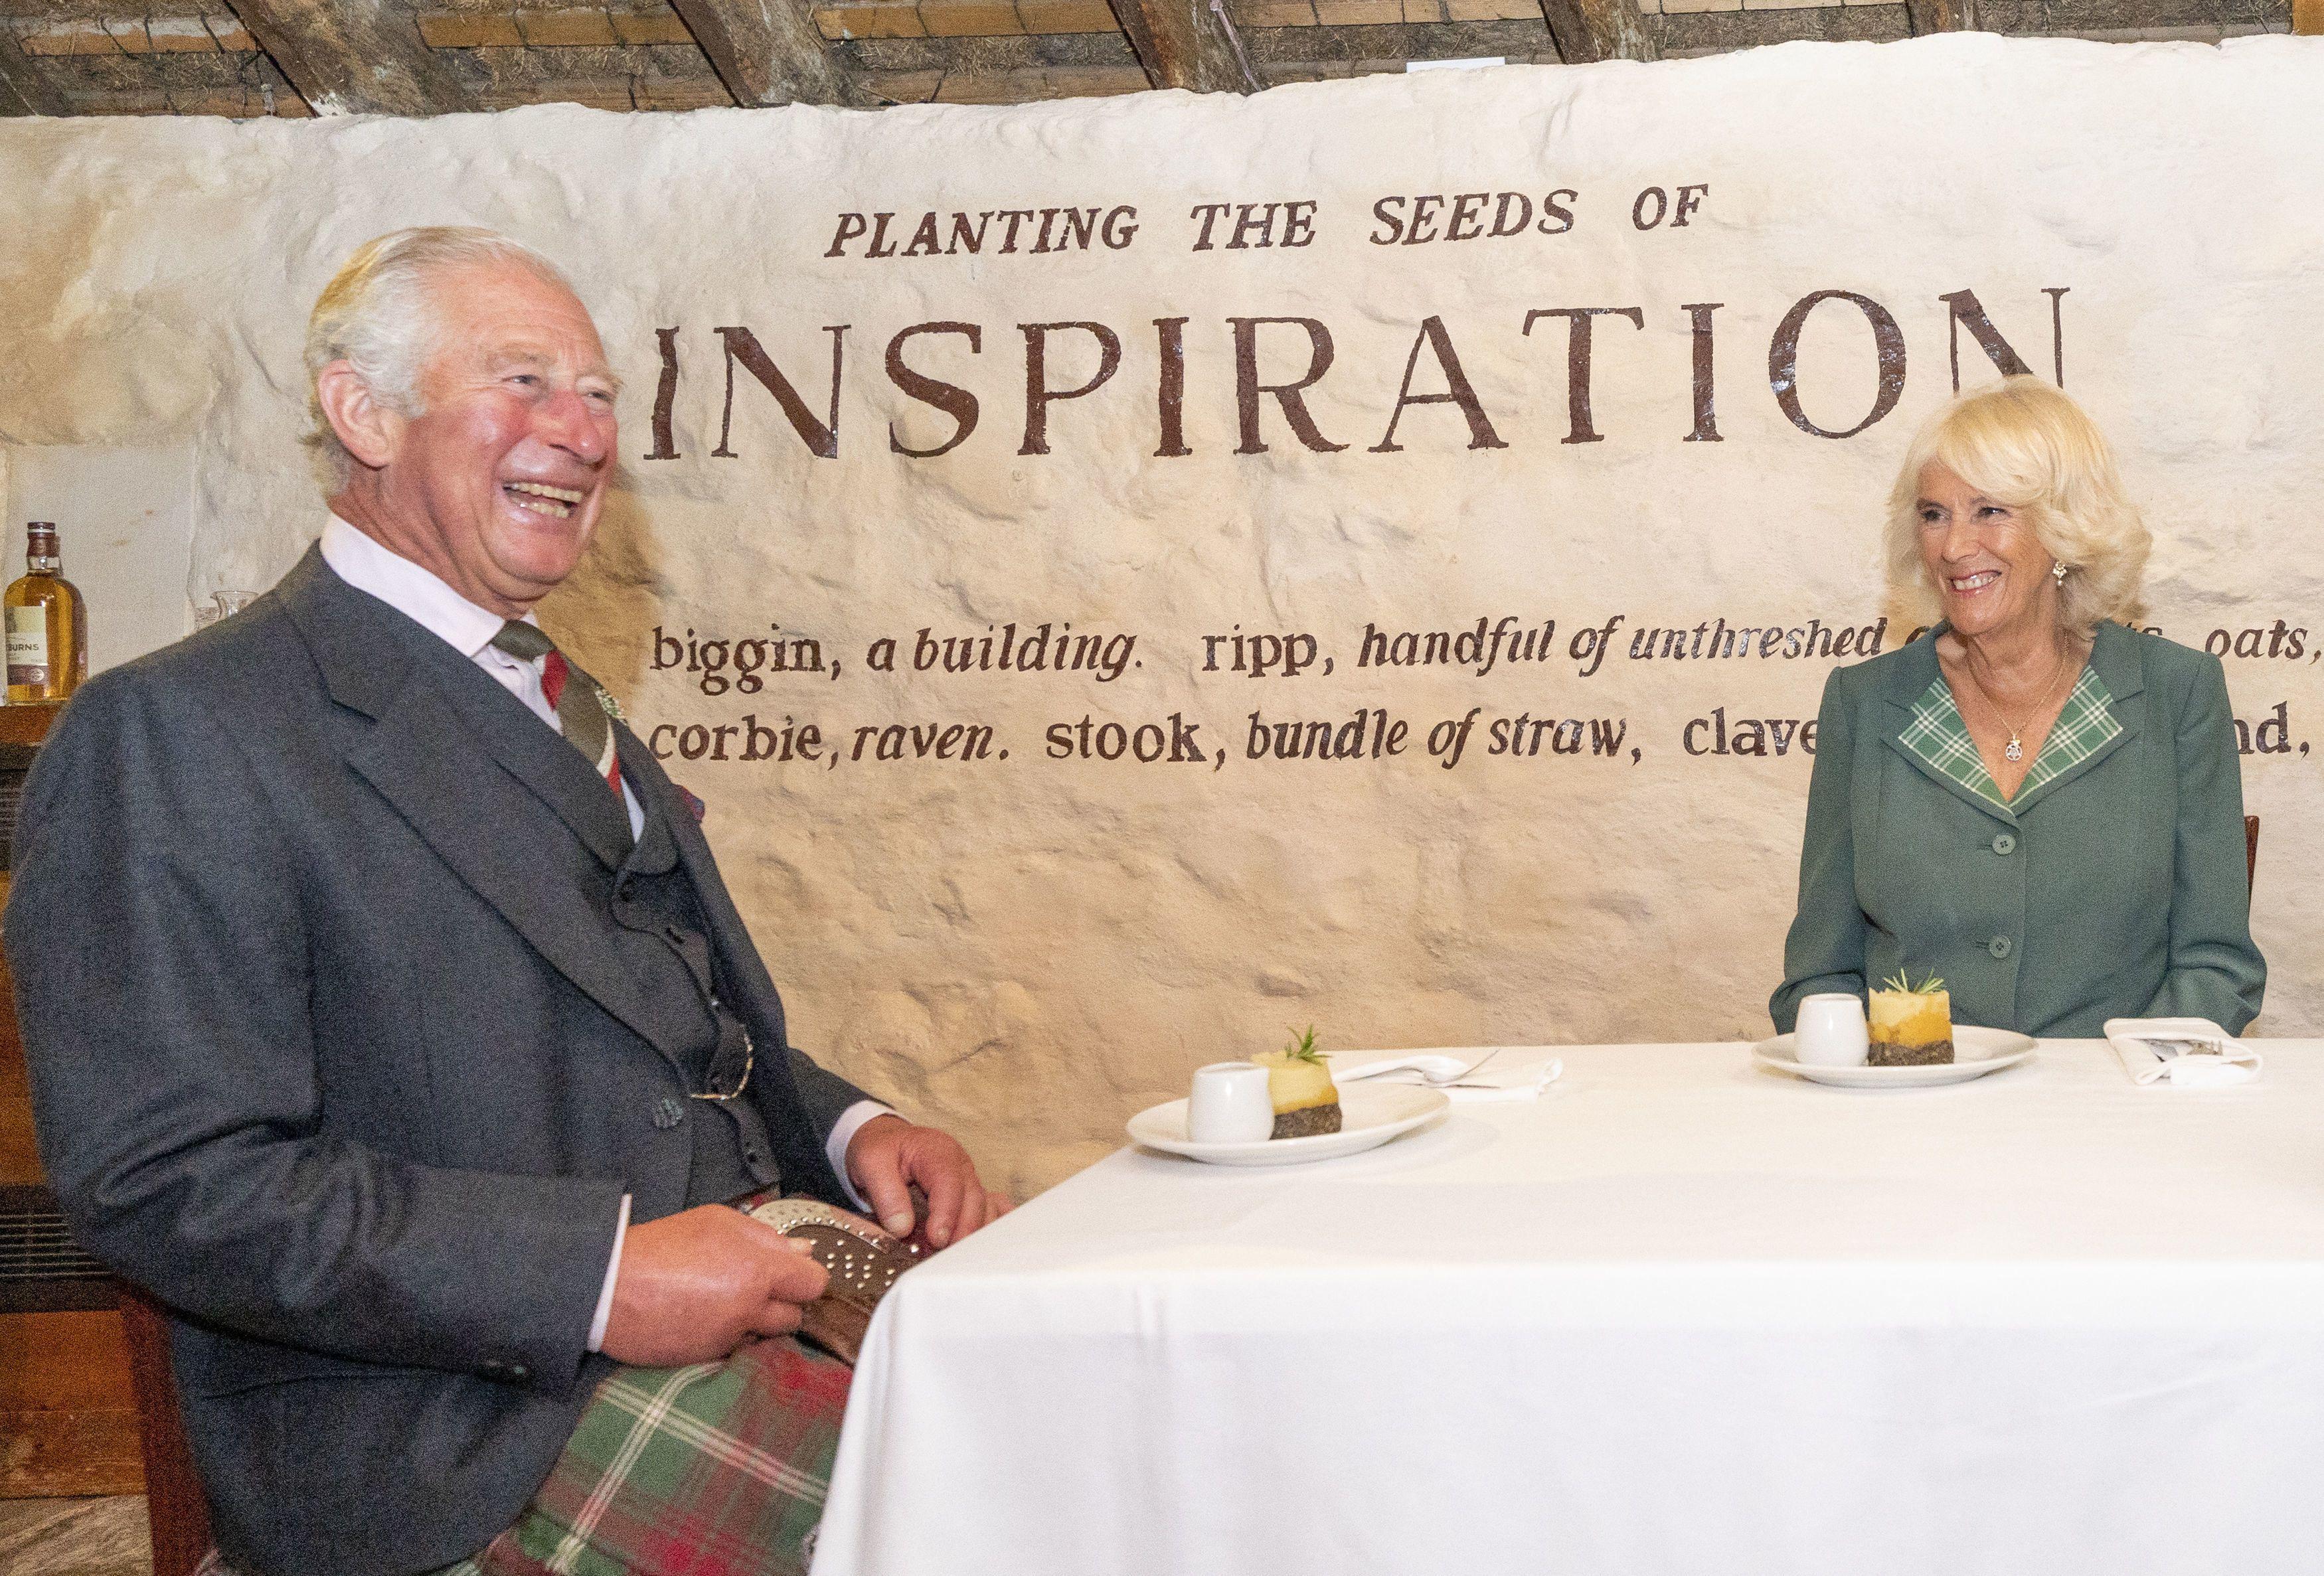 El príncipe Carlos y la duquesa de Cornualles, Camilla, reciben una comida tradicional escocesa de Haggis mientras visitan la cabaña de Robert Burns en Alloway, Escocia, el 9 de septiembre de 2021.